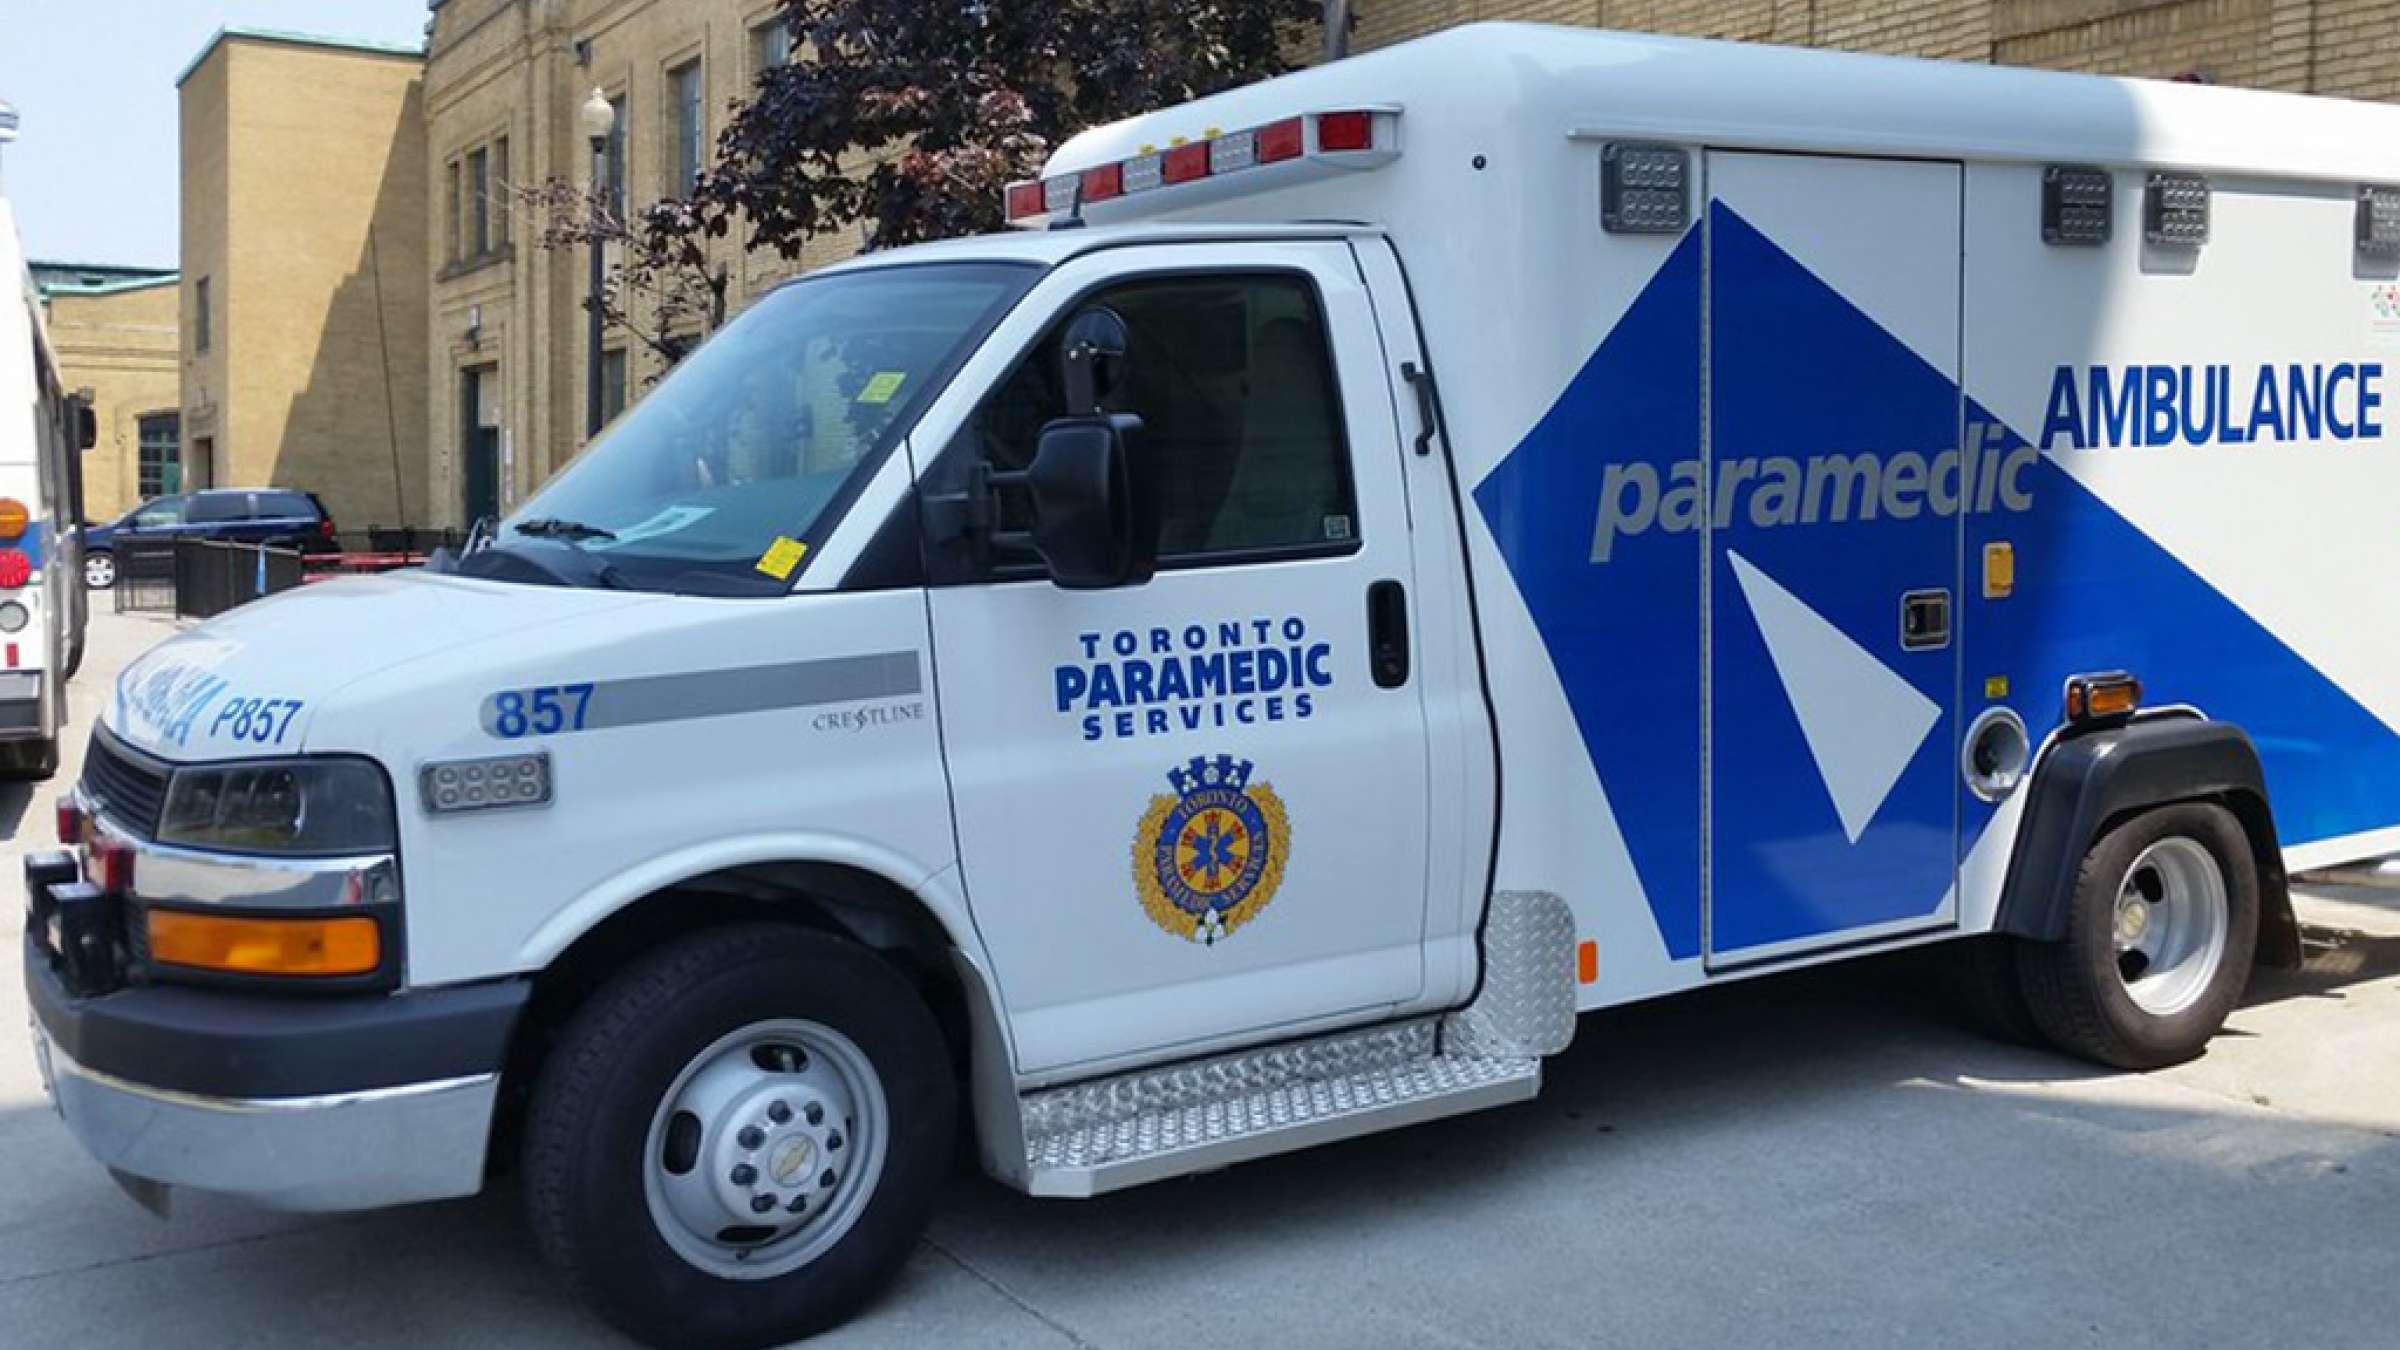 اخبار-تورنتو-آمبولانسها-میتوانند-بیماران-را-به-اورژانس-نبرند